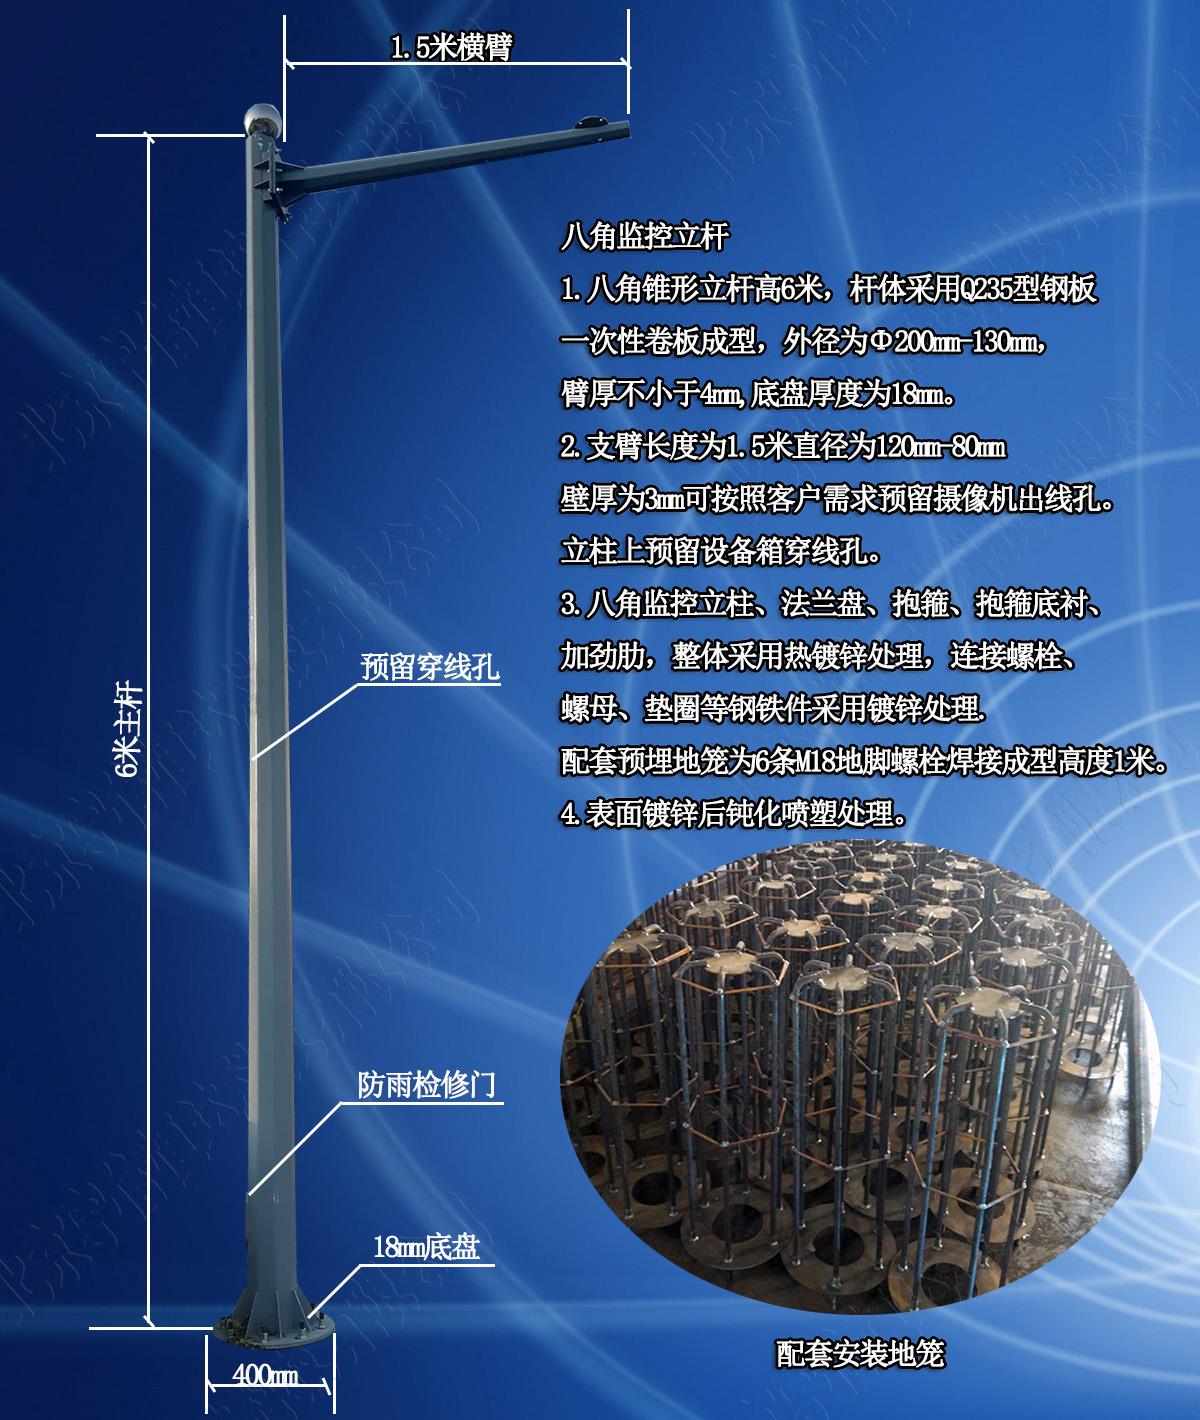 6米天网工程八角监控杆JT6-lx1.5